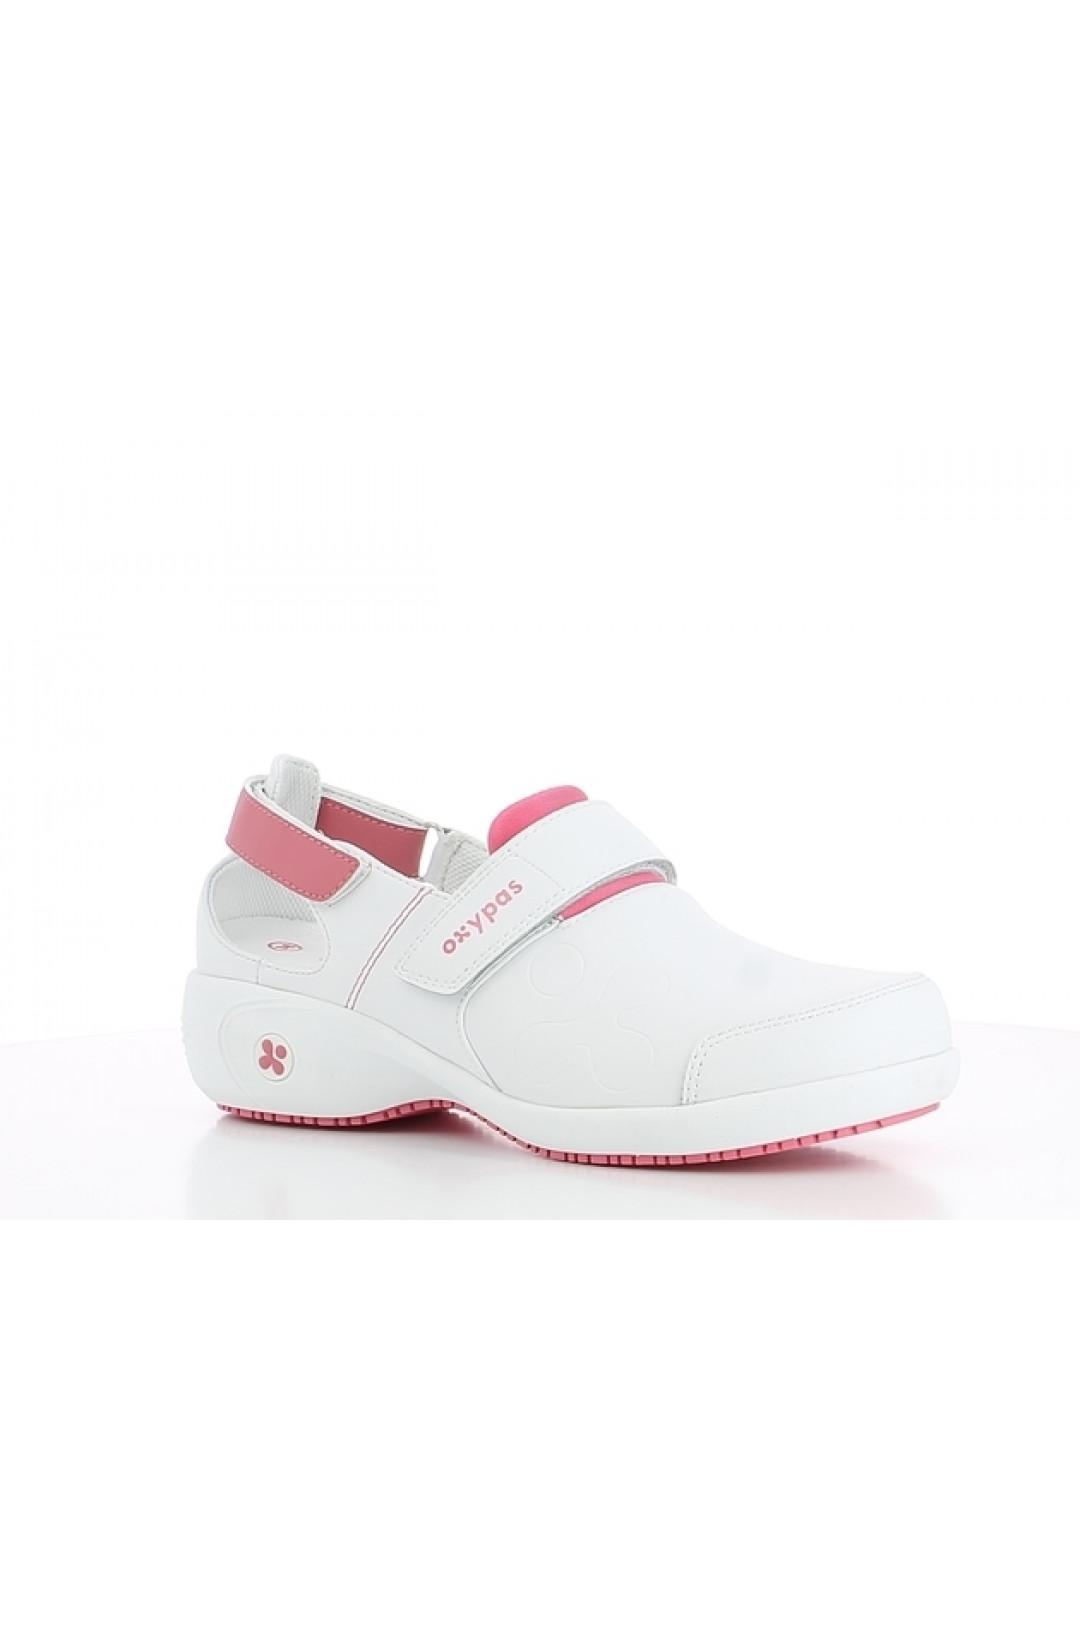 Обувь медицинская женская Salma (фуксия)